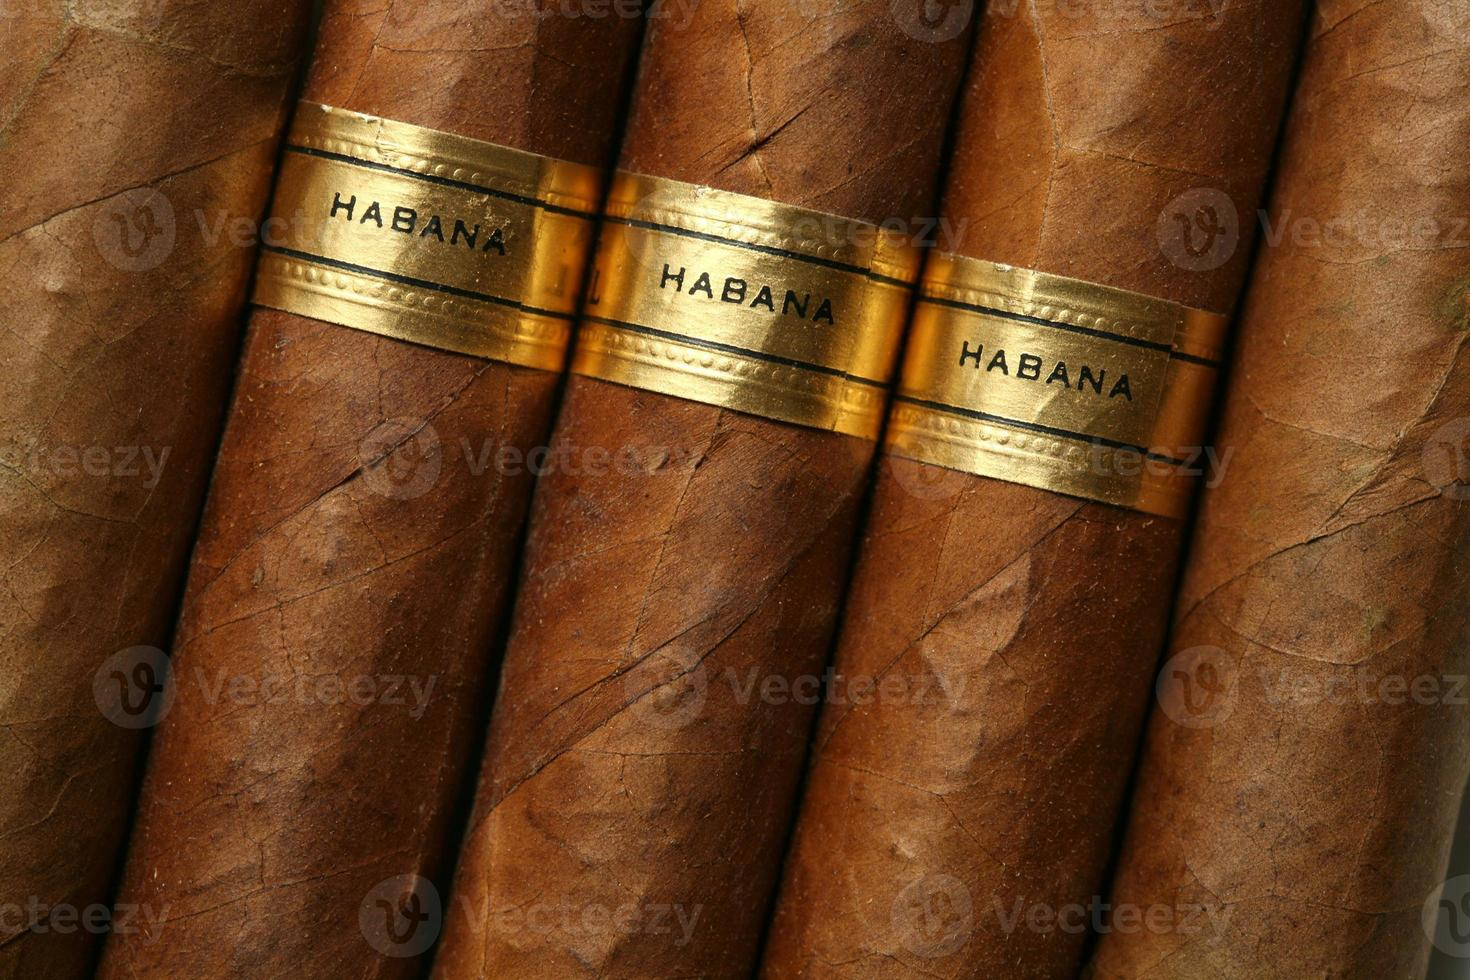 textura de cigarros de la habana foto